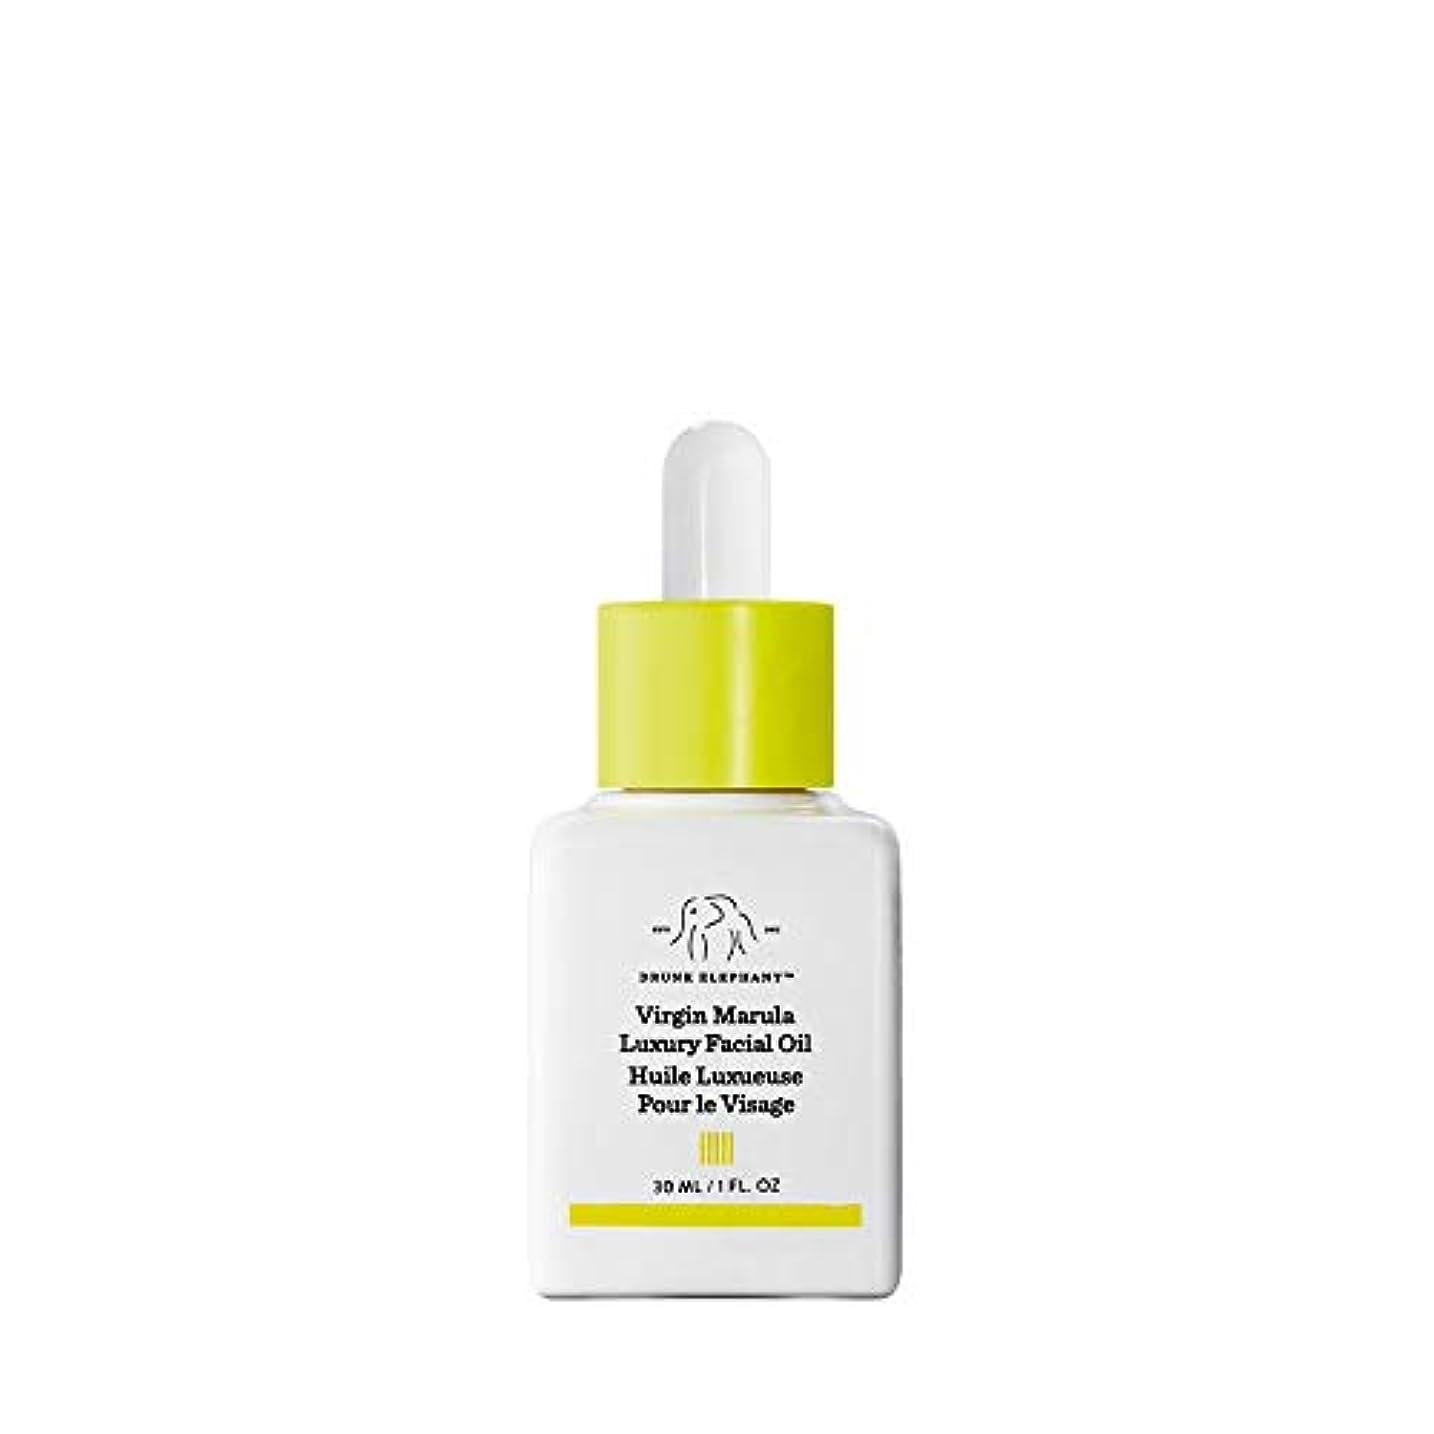 崇拝するワイヤーヘロインDRUNK ELEPHANT Virgin Marula Luxury Facial Oil 1 oz/ 30 ml ドランクエレファント バージンマルラ ラグジュアリー フェイシャルオイル1 oz/ 30 ml